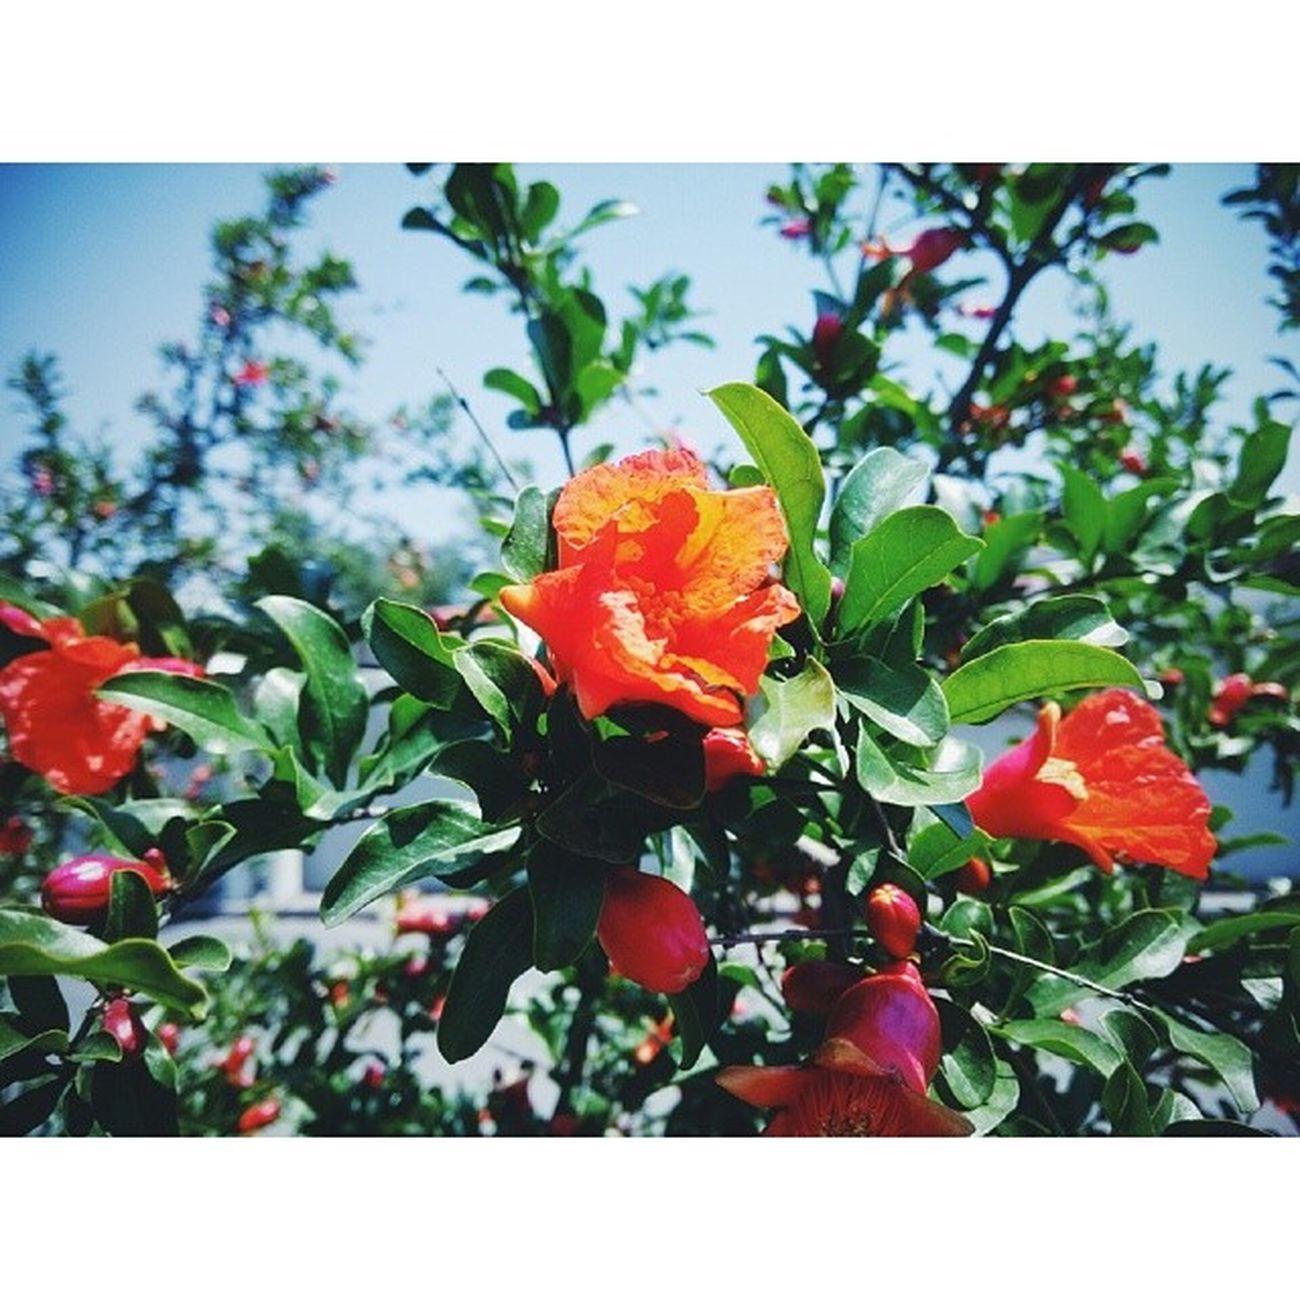 花朵 Flowers 天津